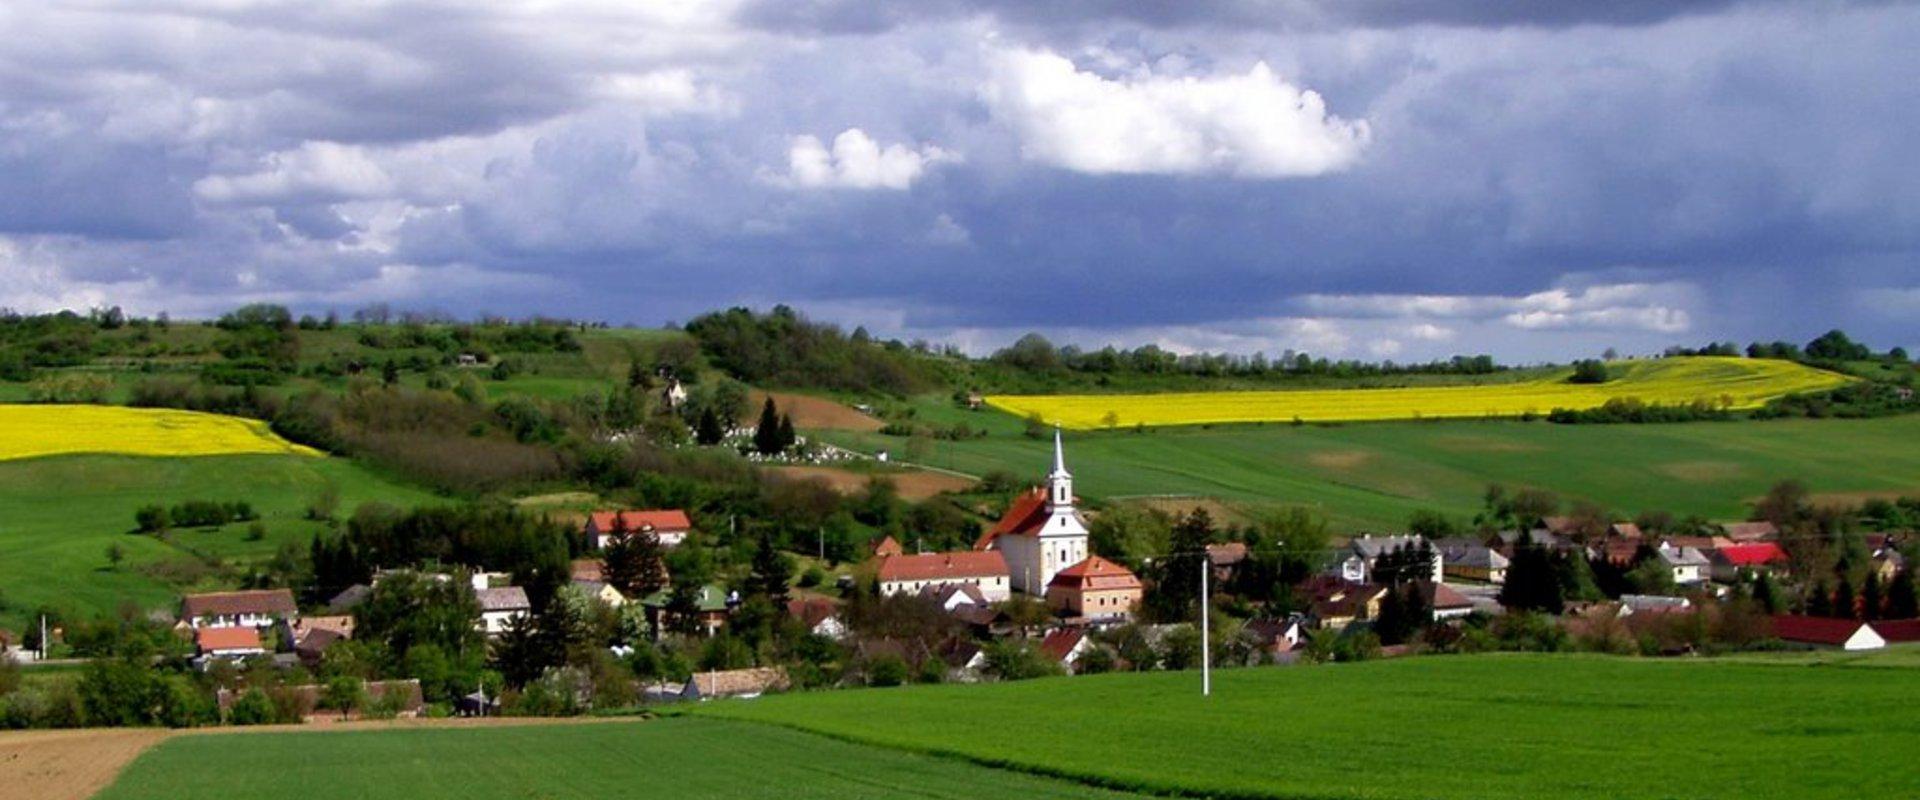 Gödre - Dombok között fekszik, vendégváró kis falunk.